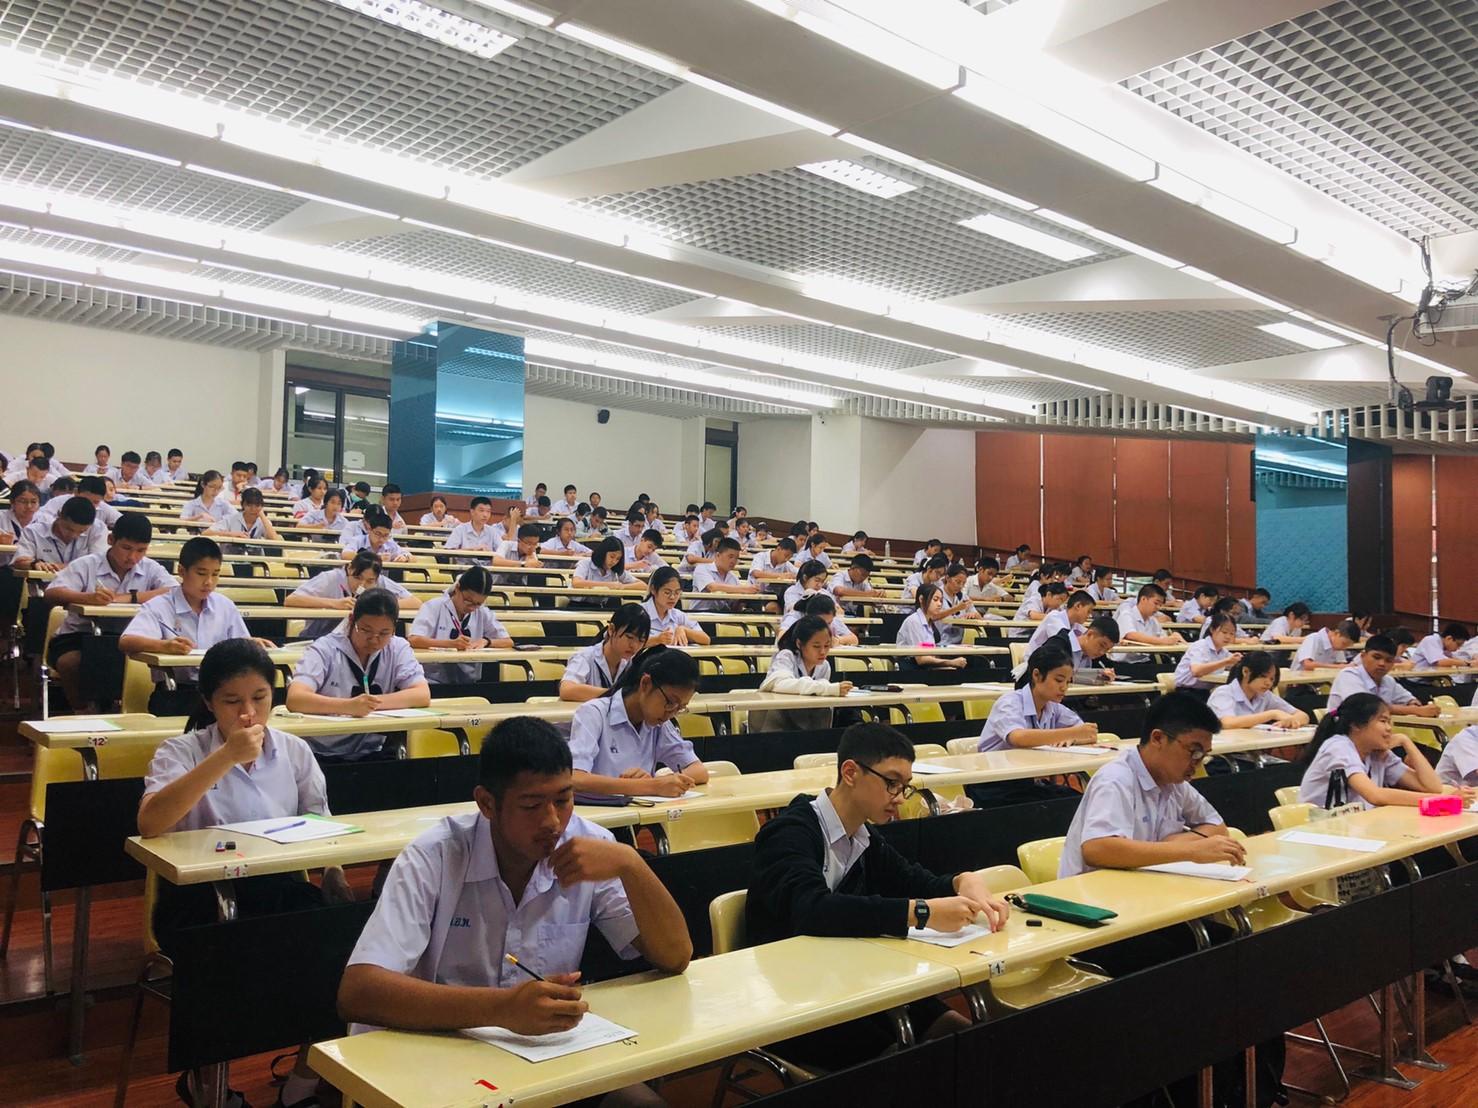 บรรยากาศการจัดสอบคัดเลือกนักเรียนแลกเปลี่ยนรัฐบาลอเมริกา-สิงหาคม